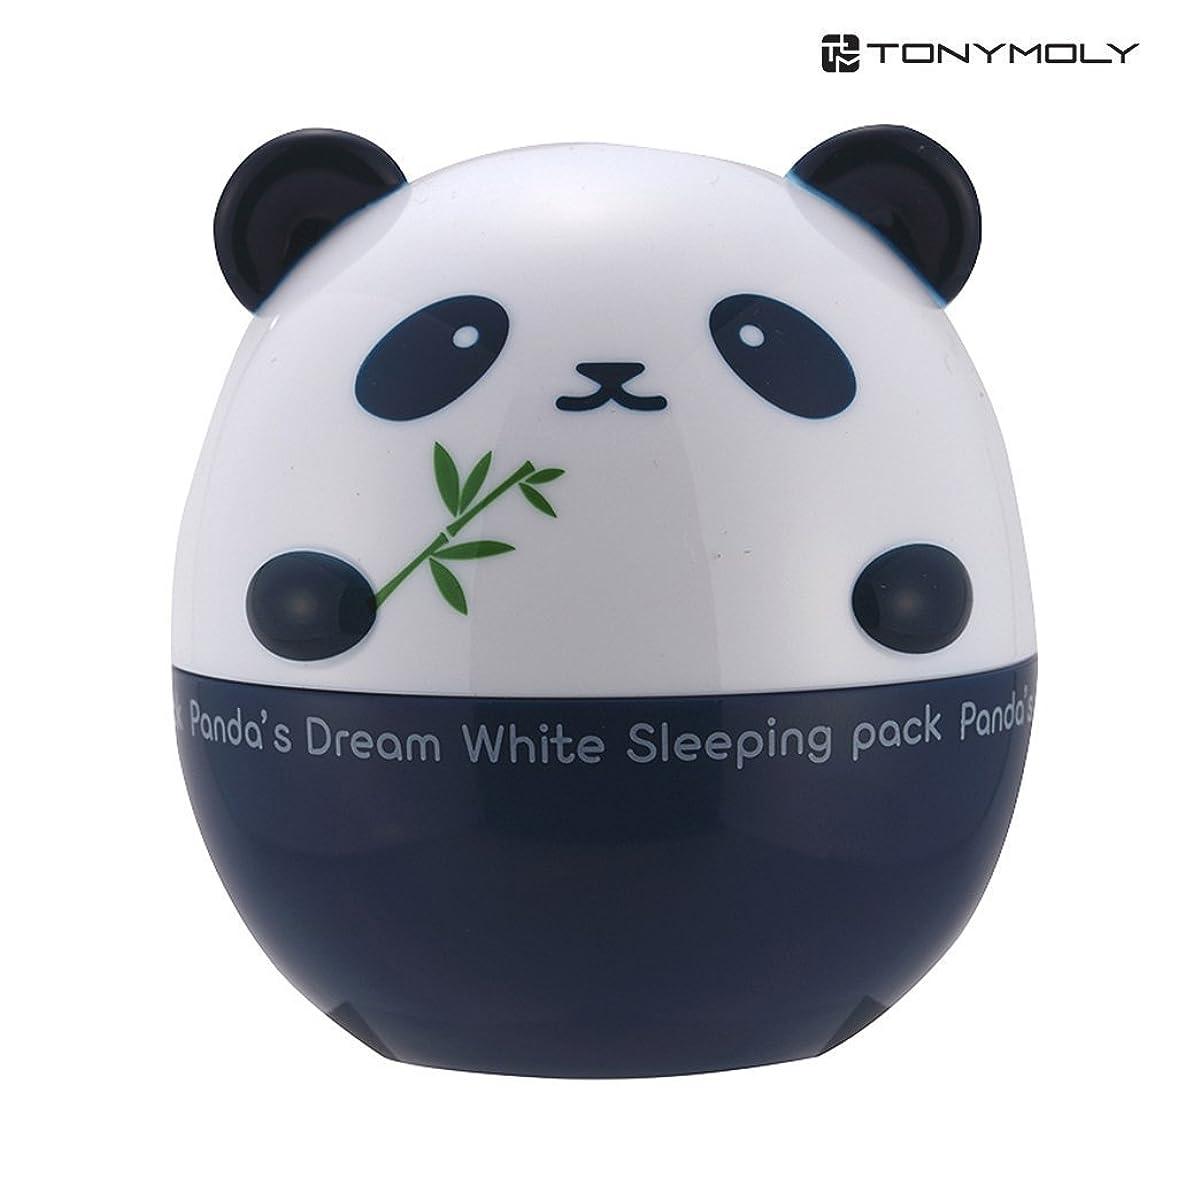 観客天皇アクセルTonyMoly トニーモリー パンダズ?ドリーム?ホワイト?スリーピング?パック 50g (Panda`s Dream White Sleeping Pack) 海外直送品